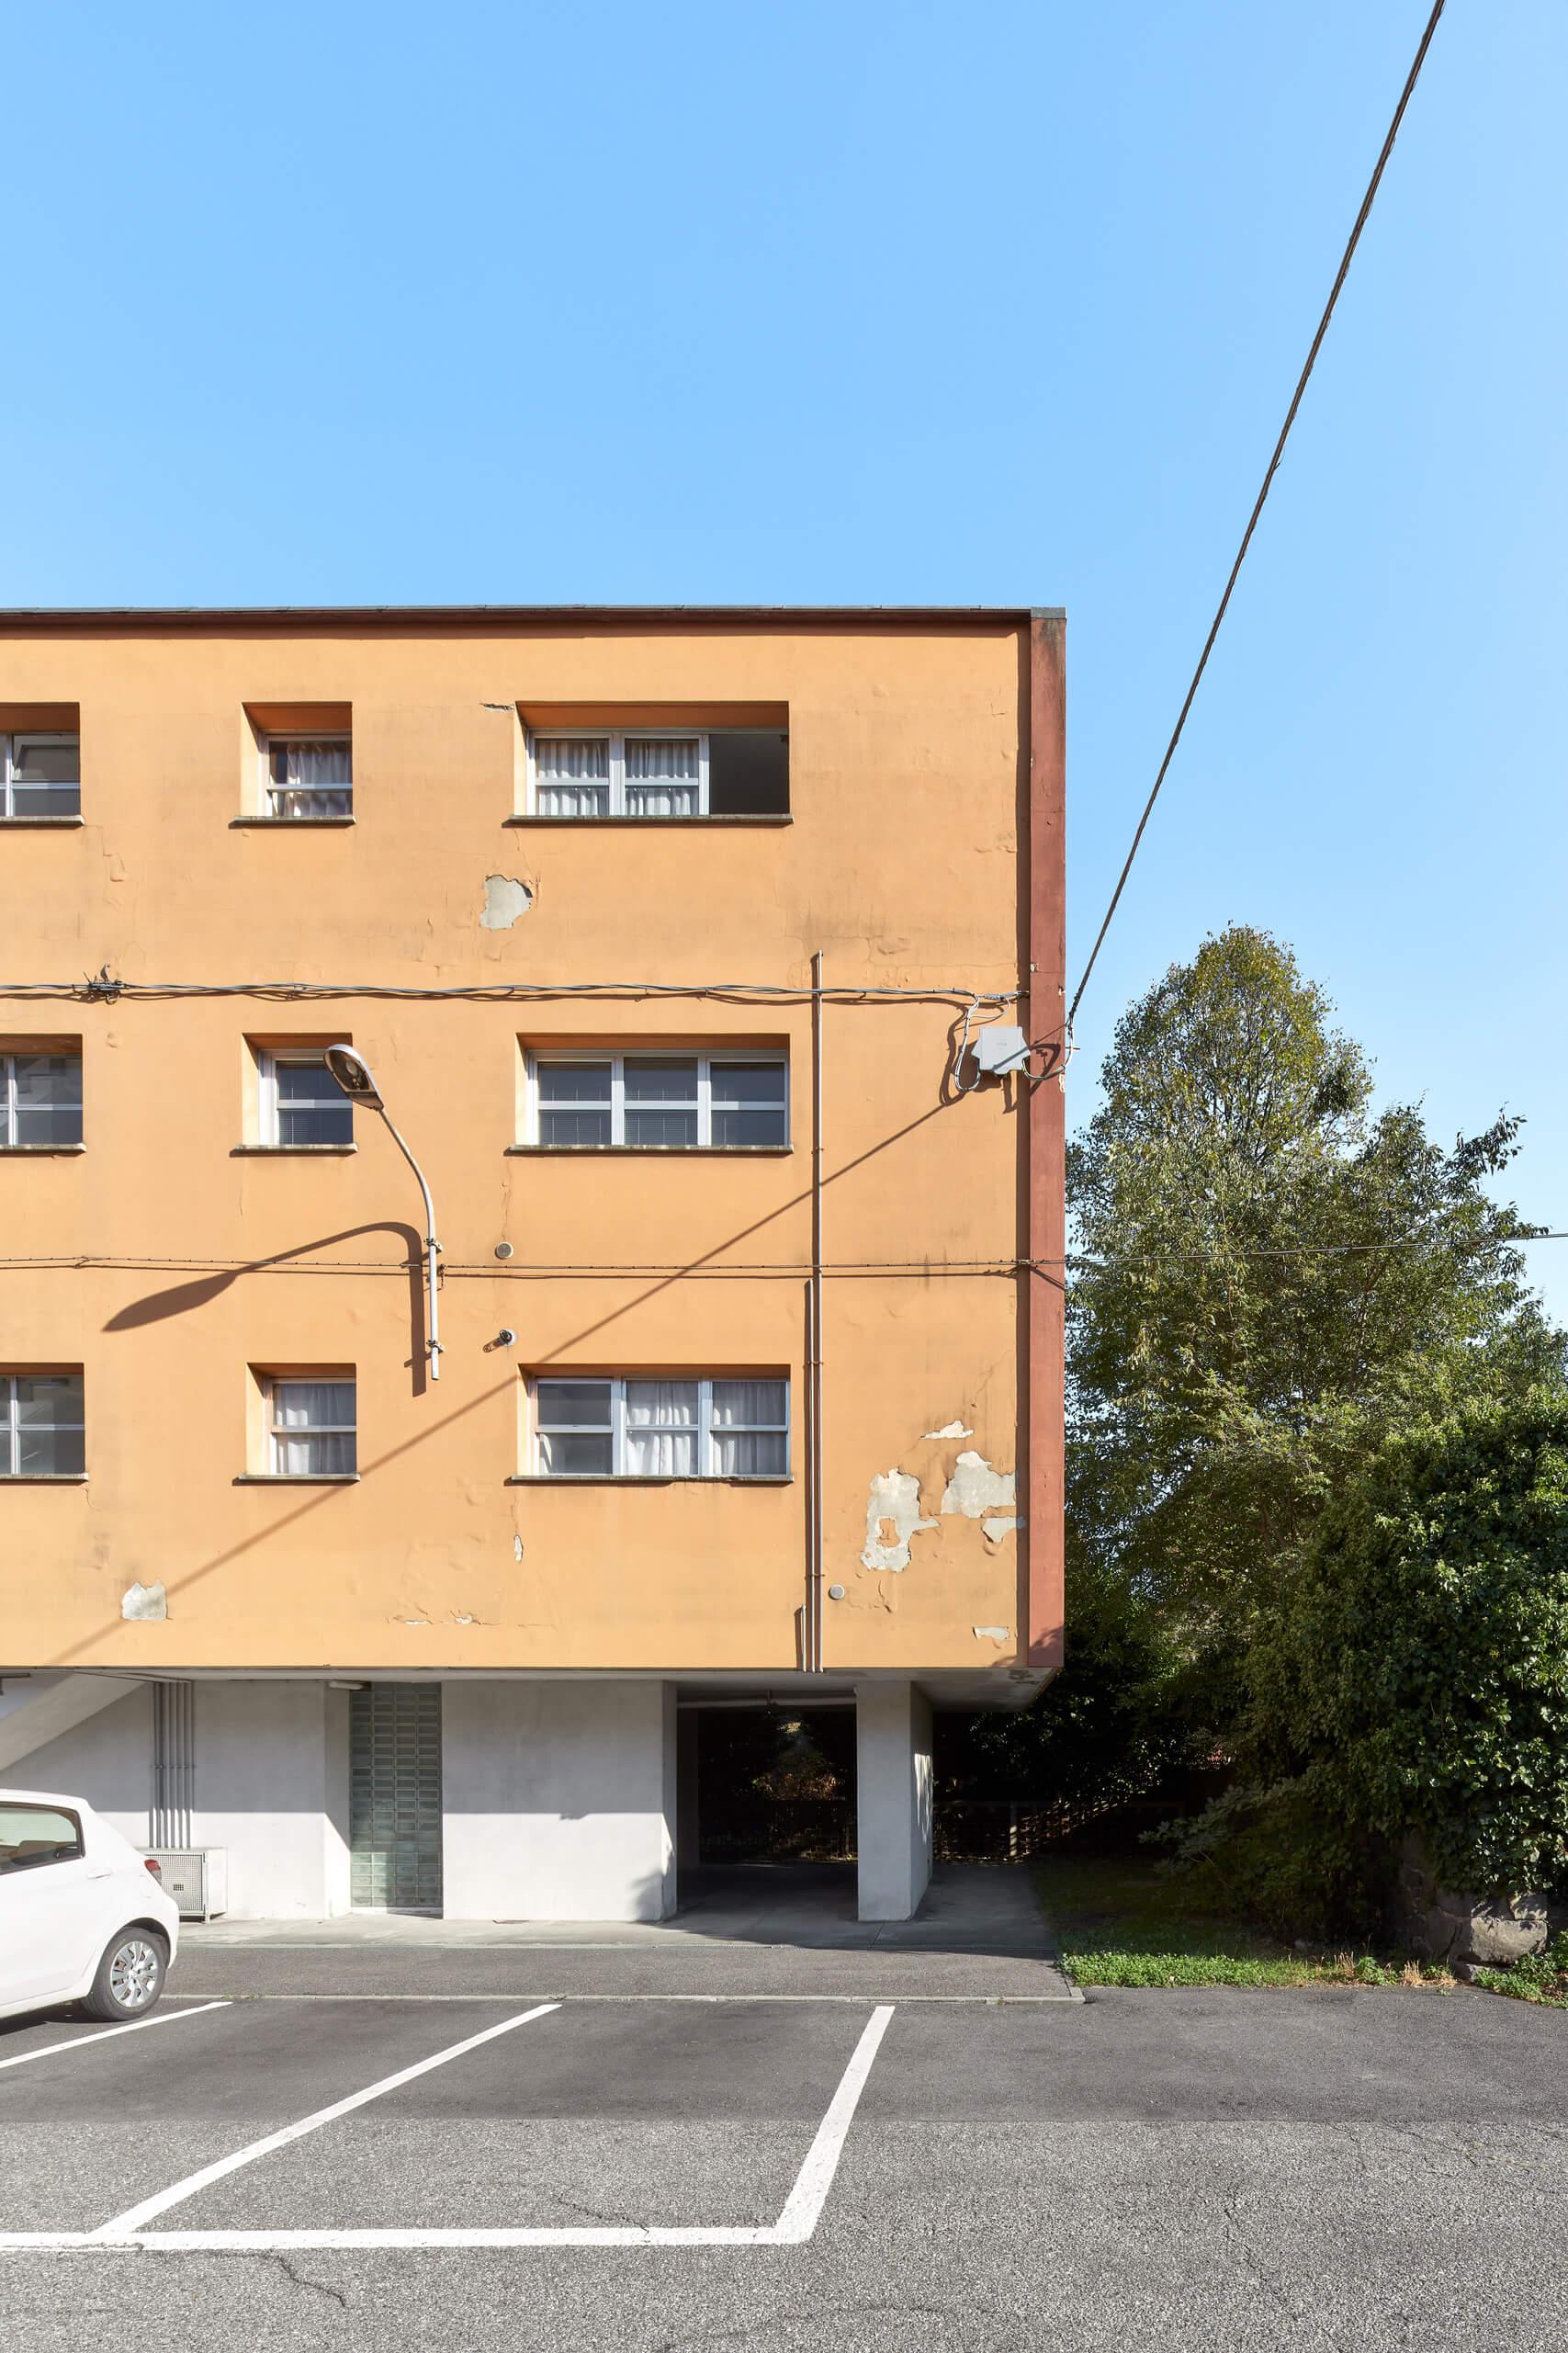 Federico_Covre_Casa_Popolare_Borgo_Olivetti_Figini_Pollini_1939-41_Ivrea_2020_08